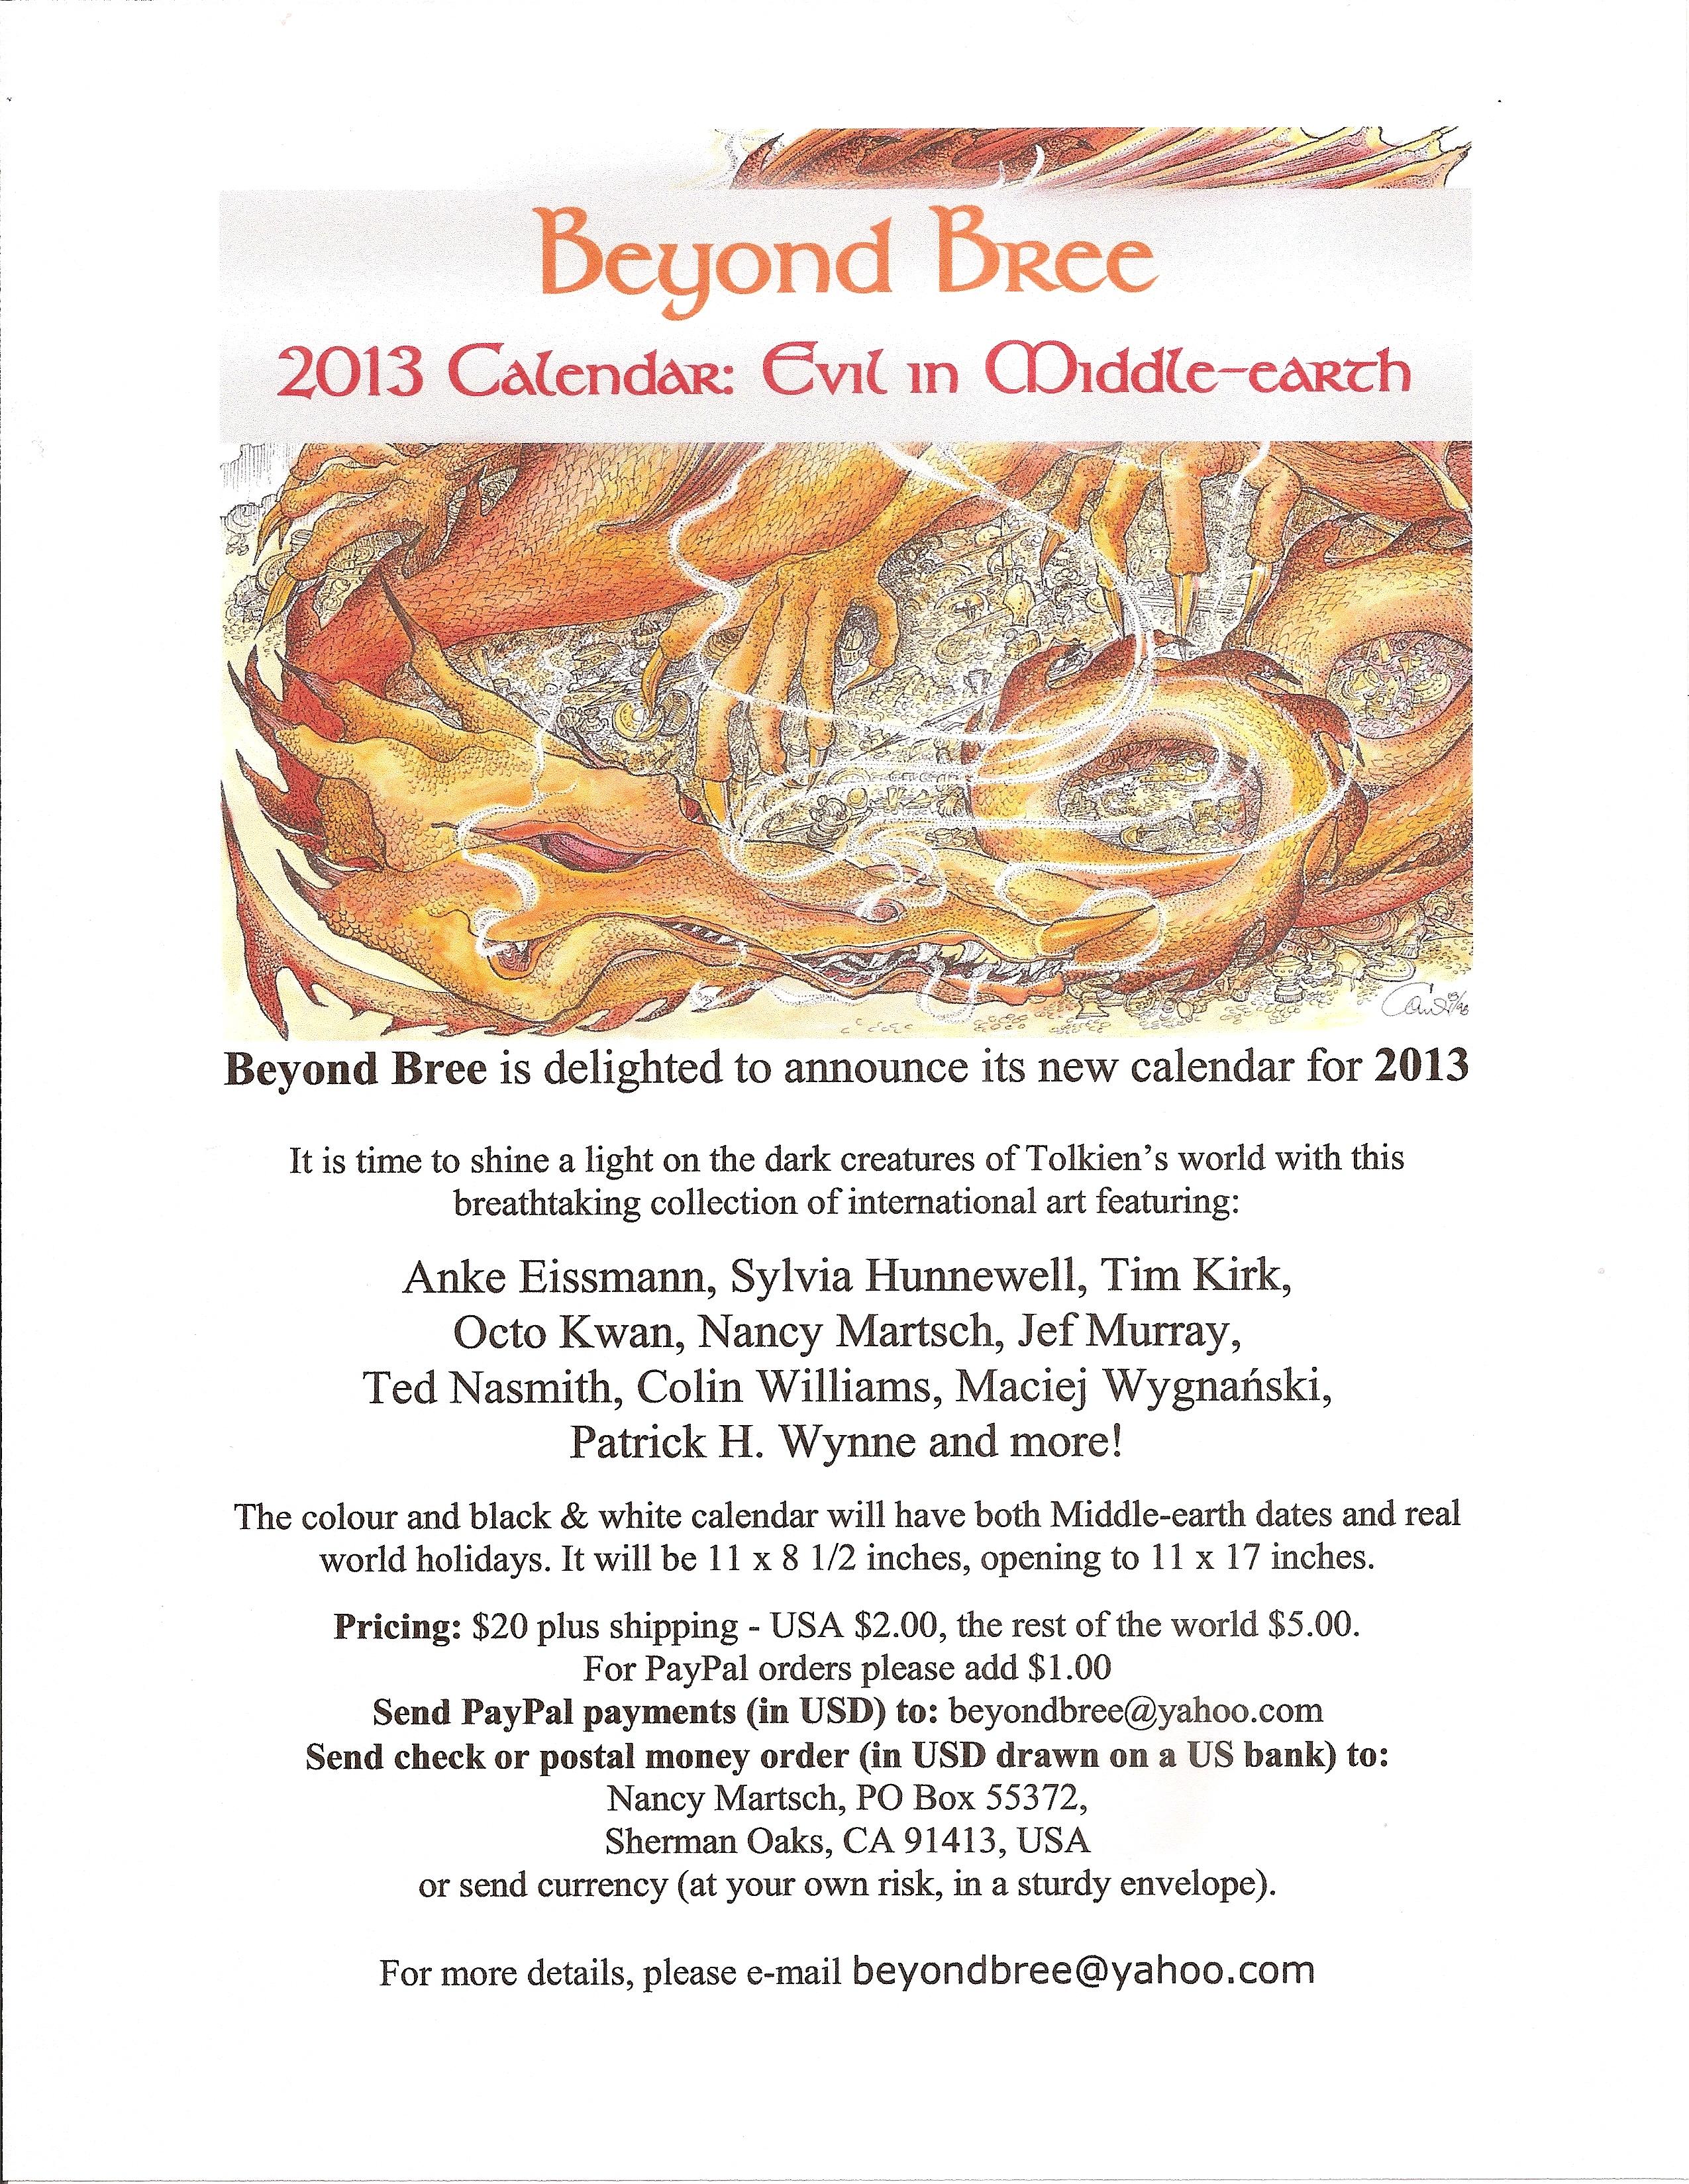 Beyond Bree 2013 Calendar